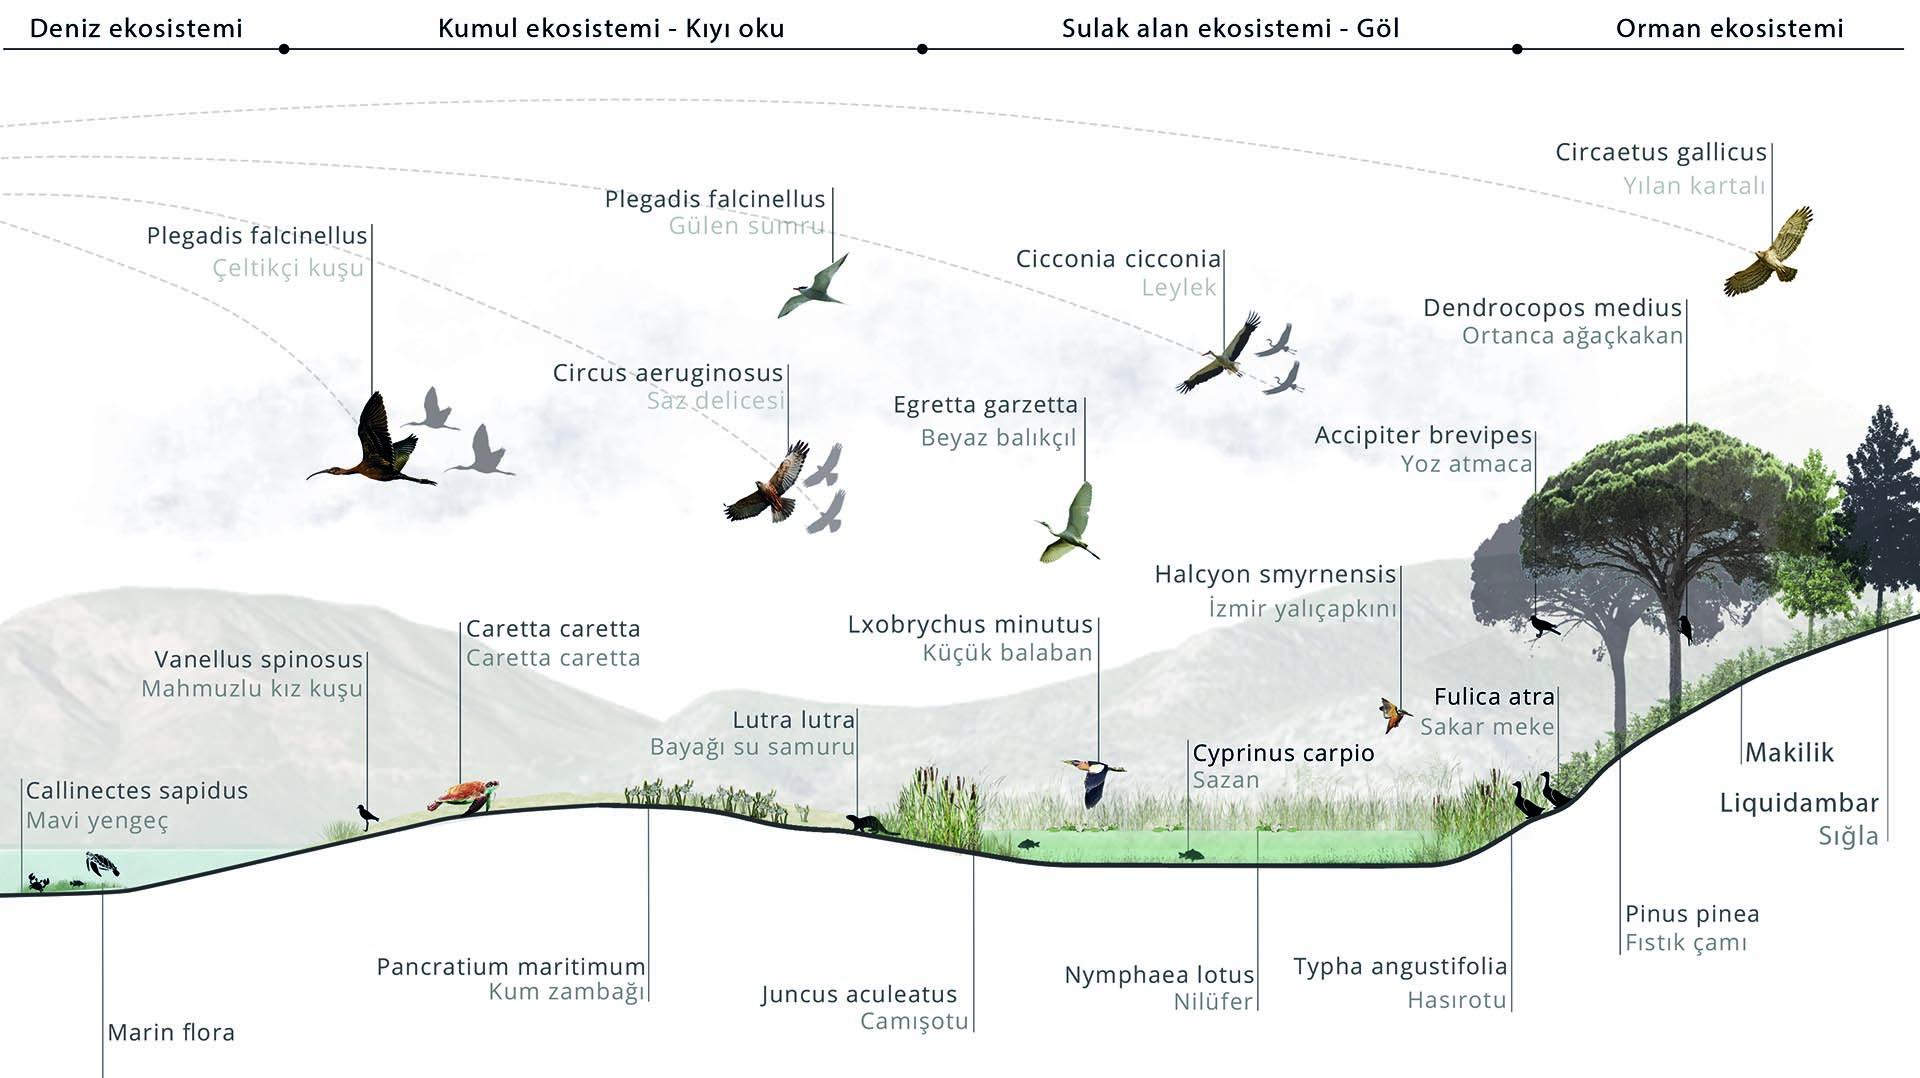 Ekolojik Kesit